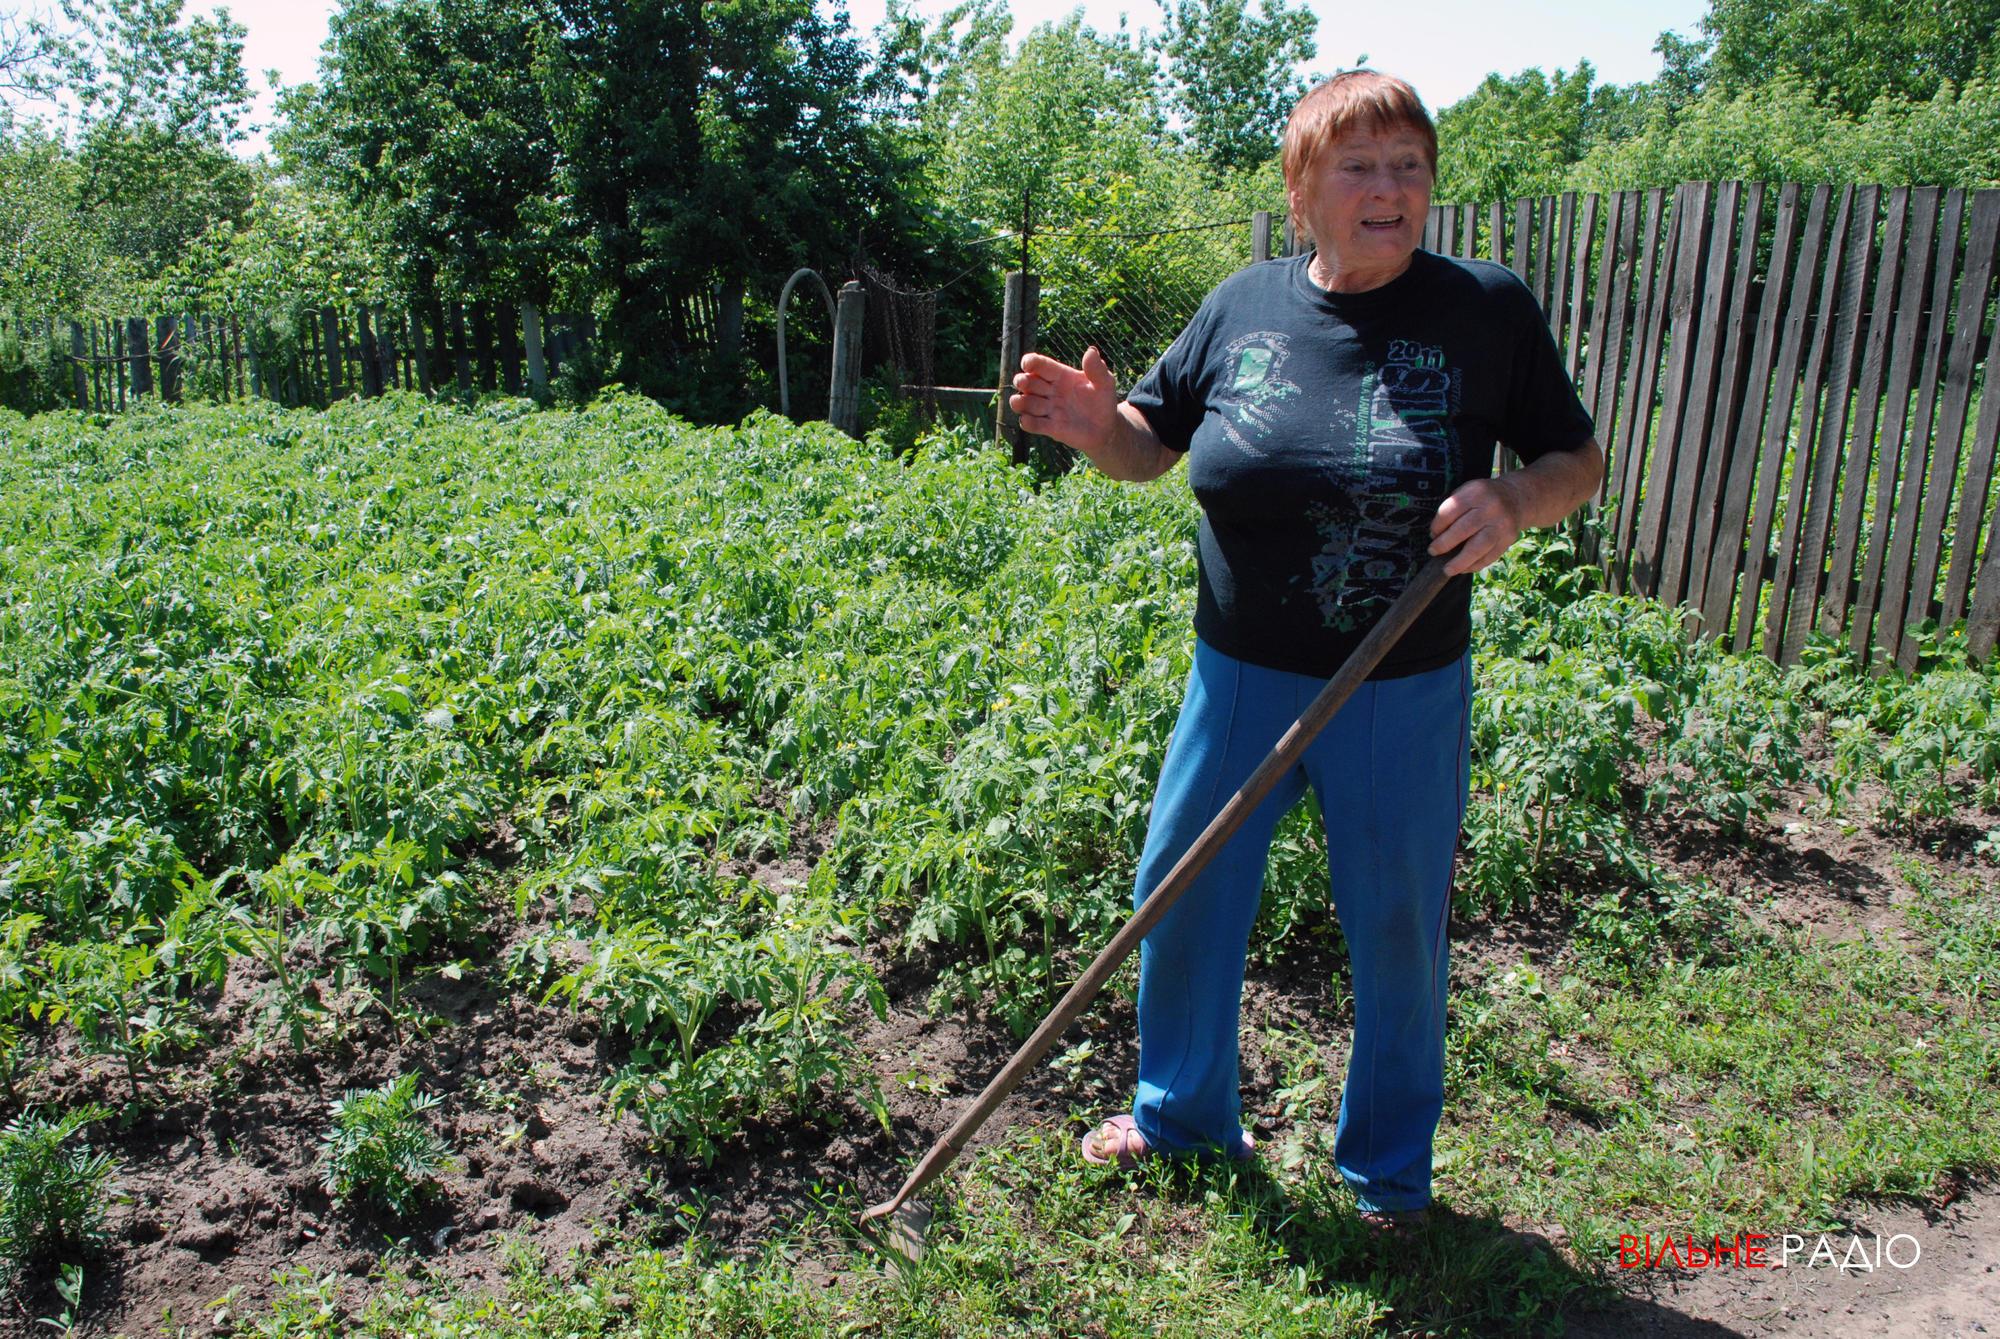 Мешканка хоспісу в Часів Ярі Ганна Яківна порається на городі